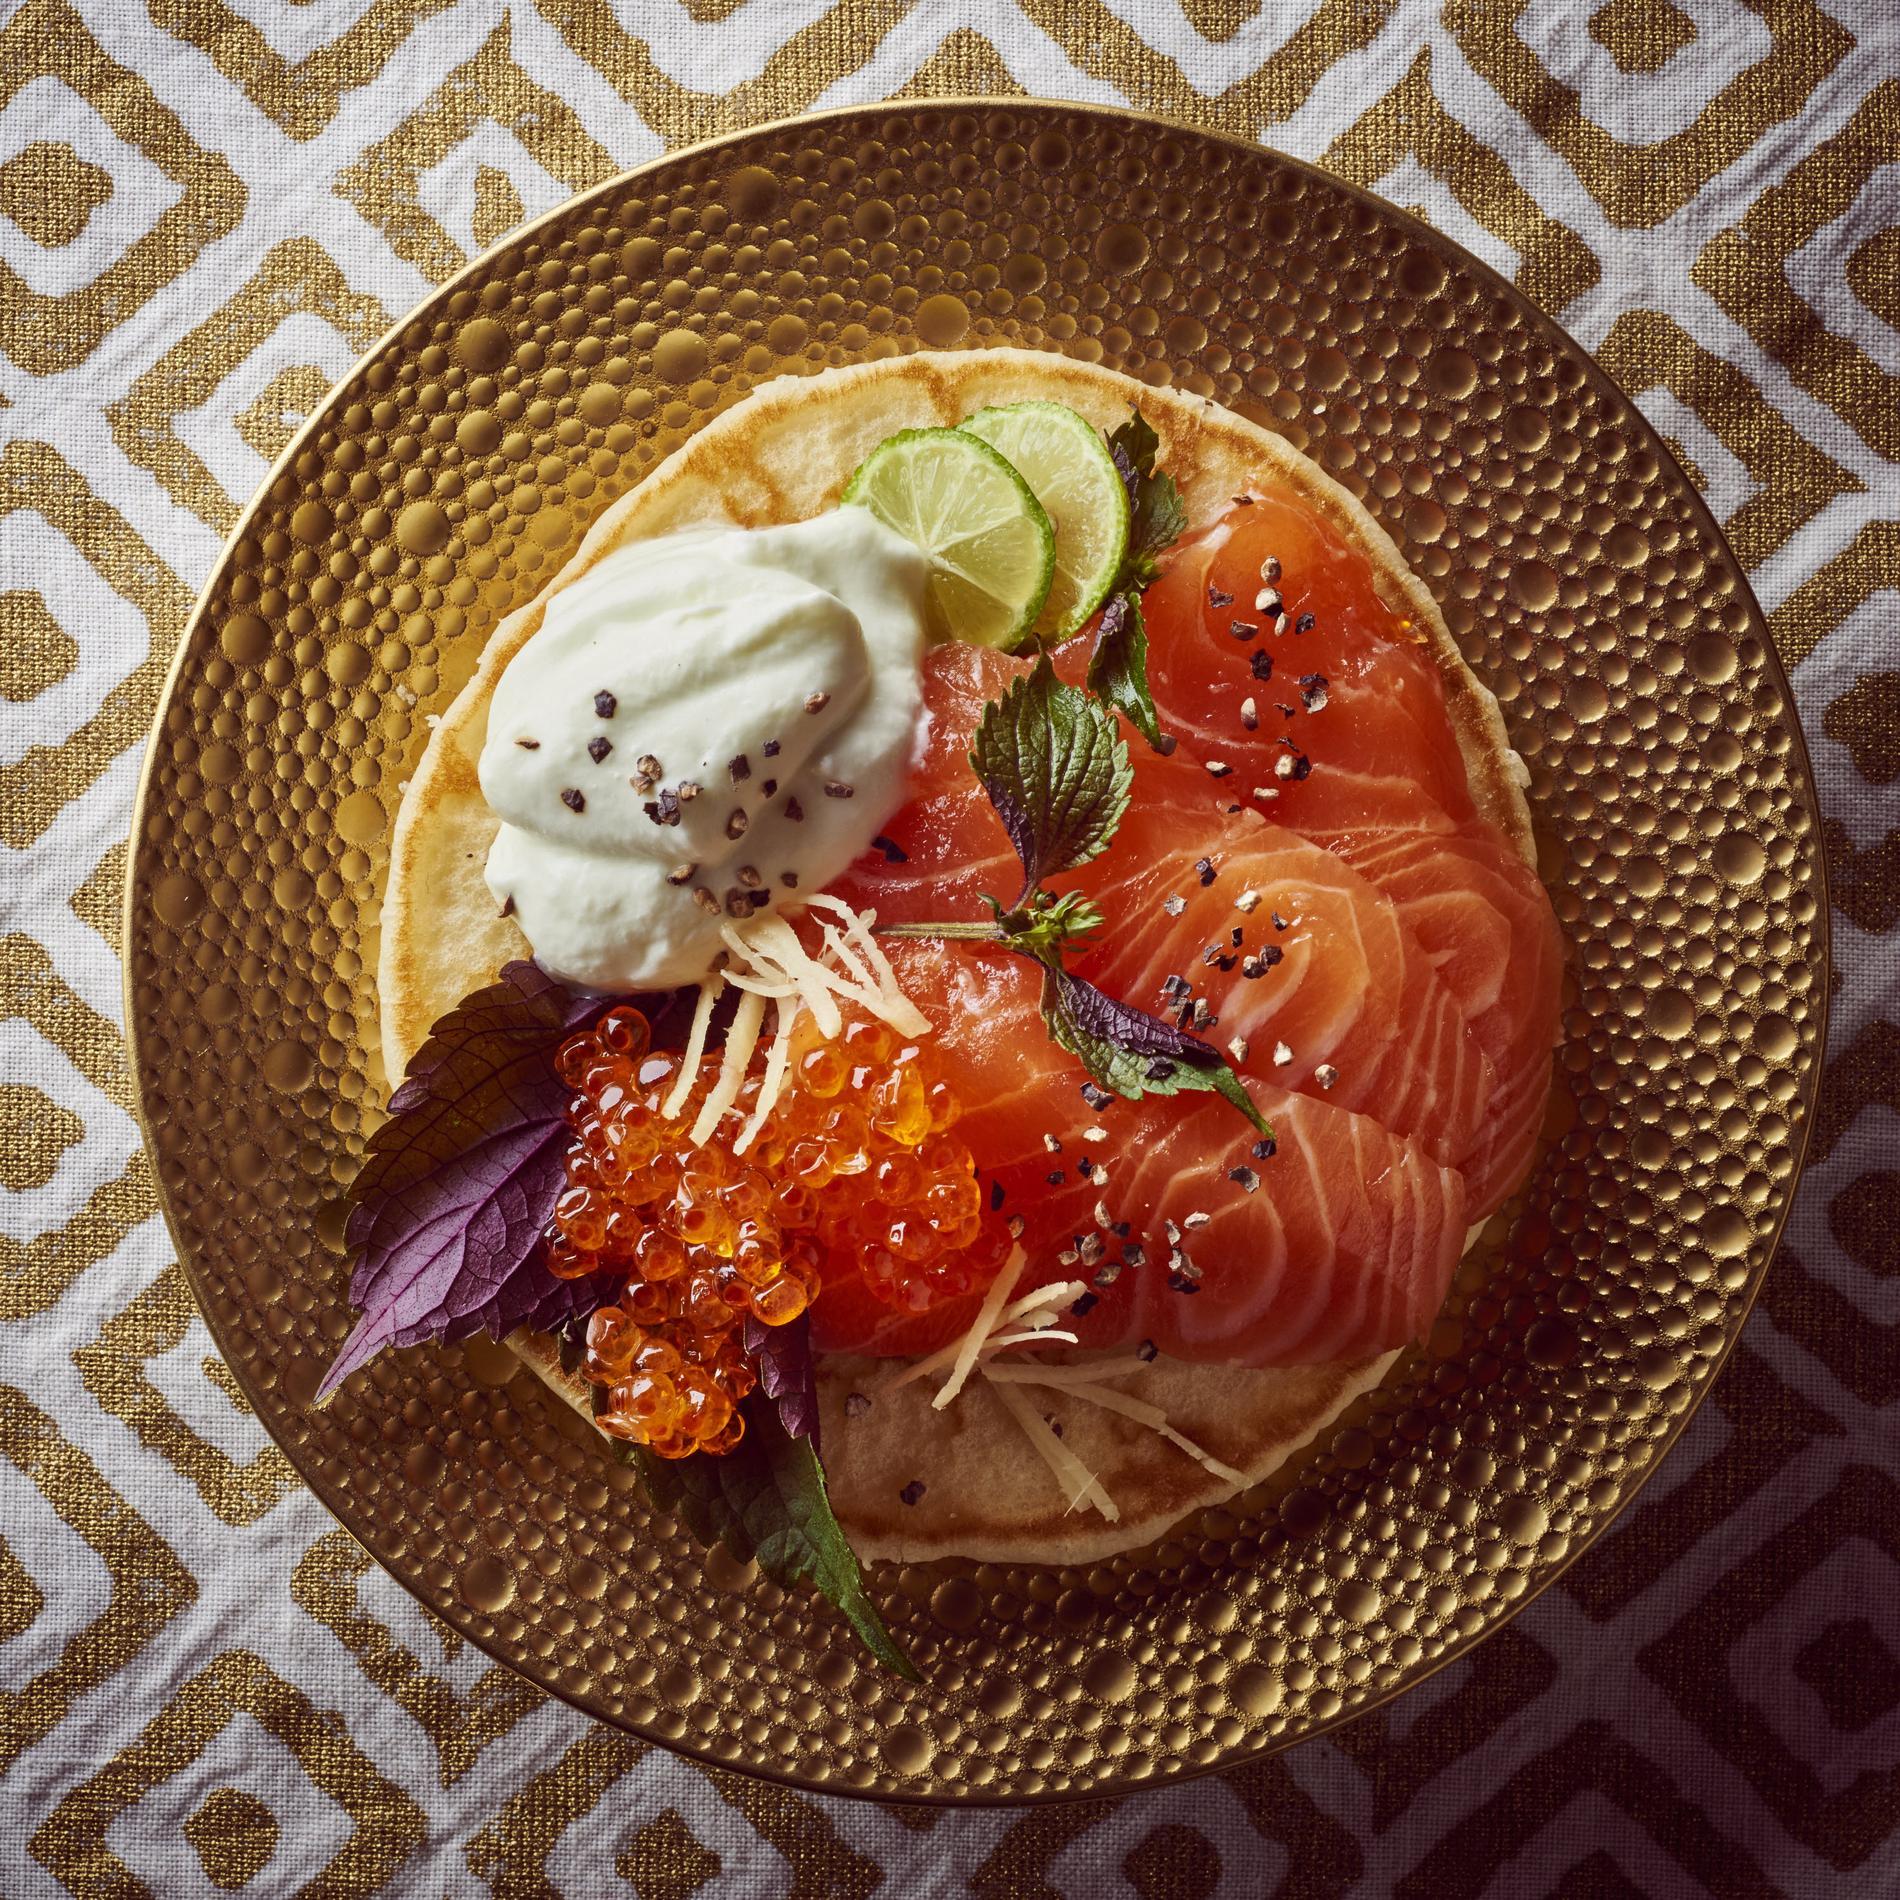 Recette gravlax et chantilly au wasabi cuisine madame - Saumon gravlax rapide ...